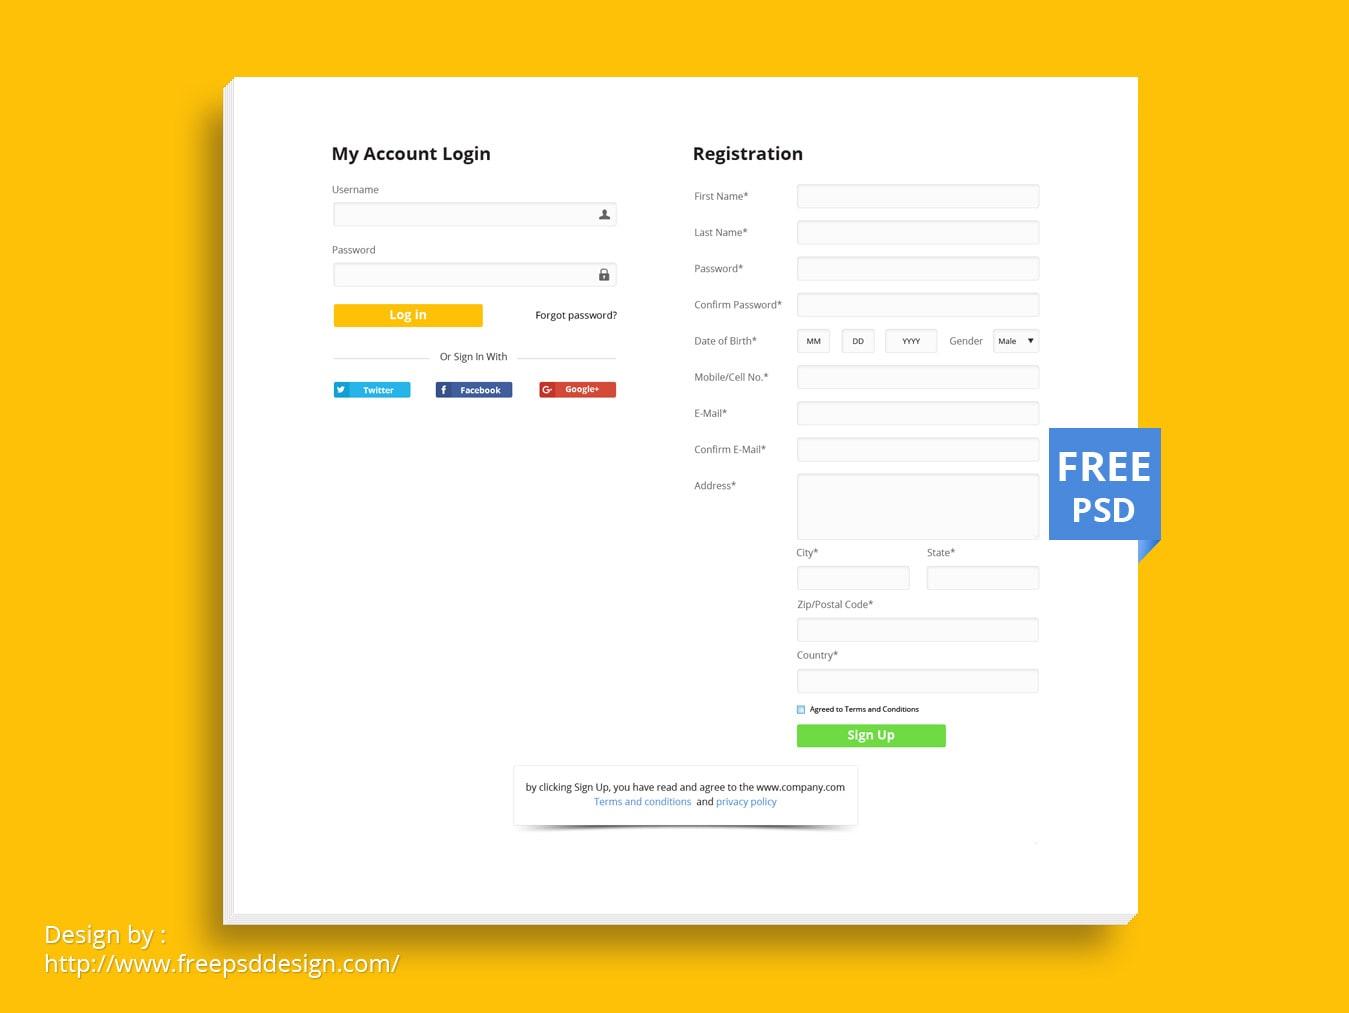 login-registration-form-design-template-mockup Registration Form Design In Html And Css Free Download on